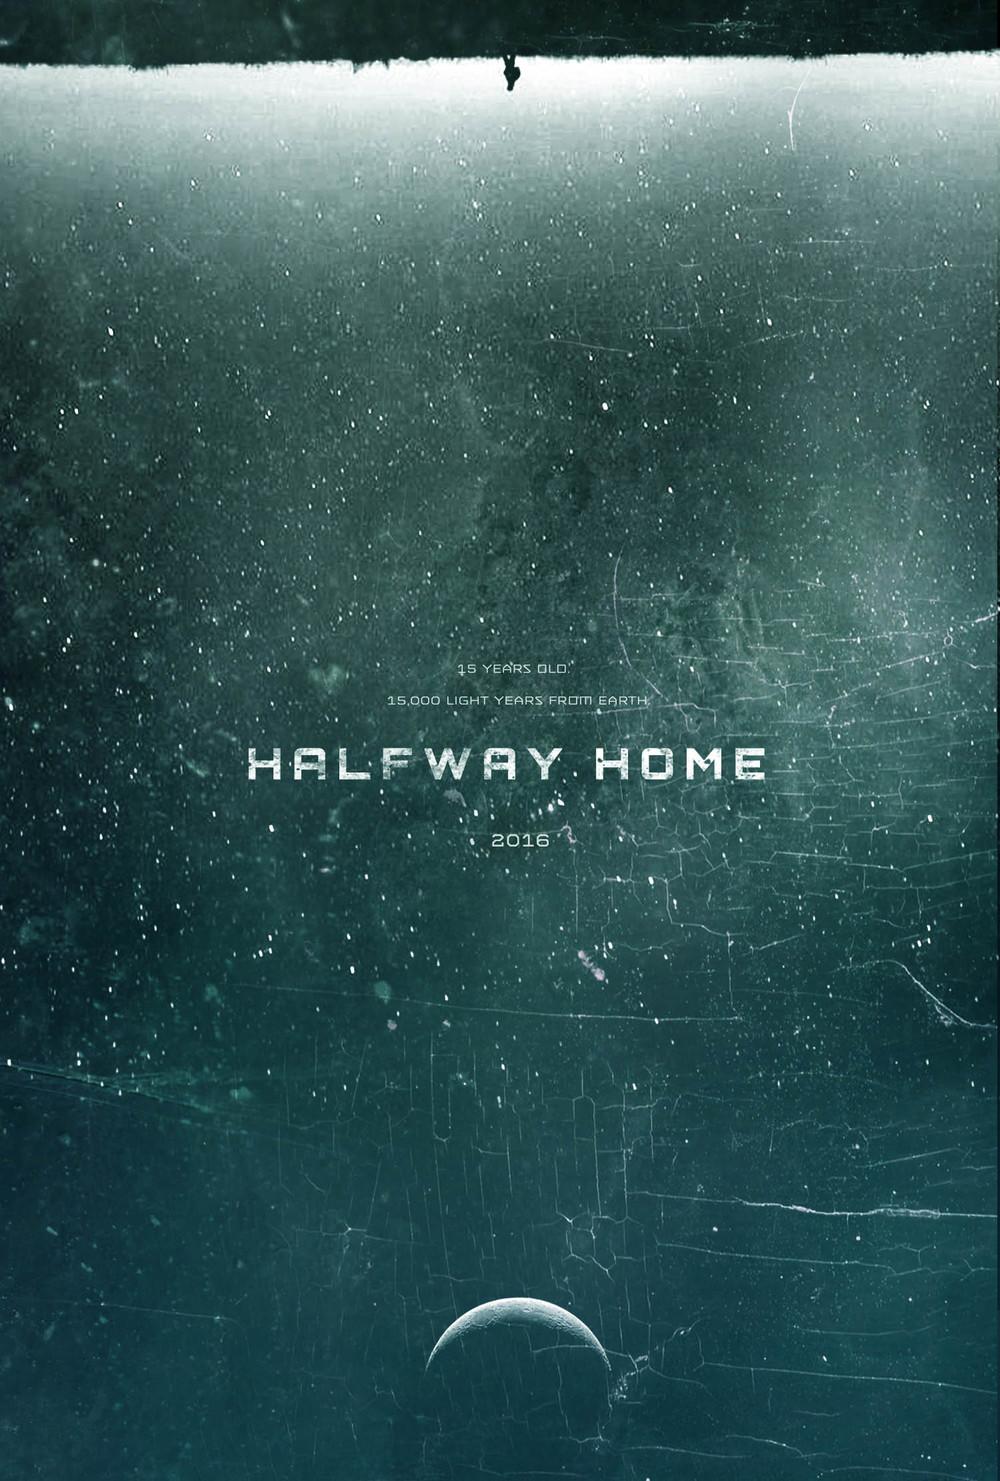 halfwayhomeposter18.jpg